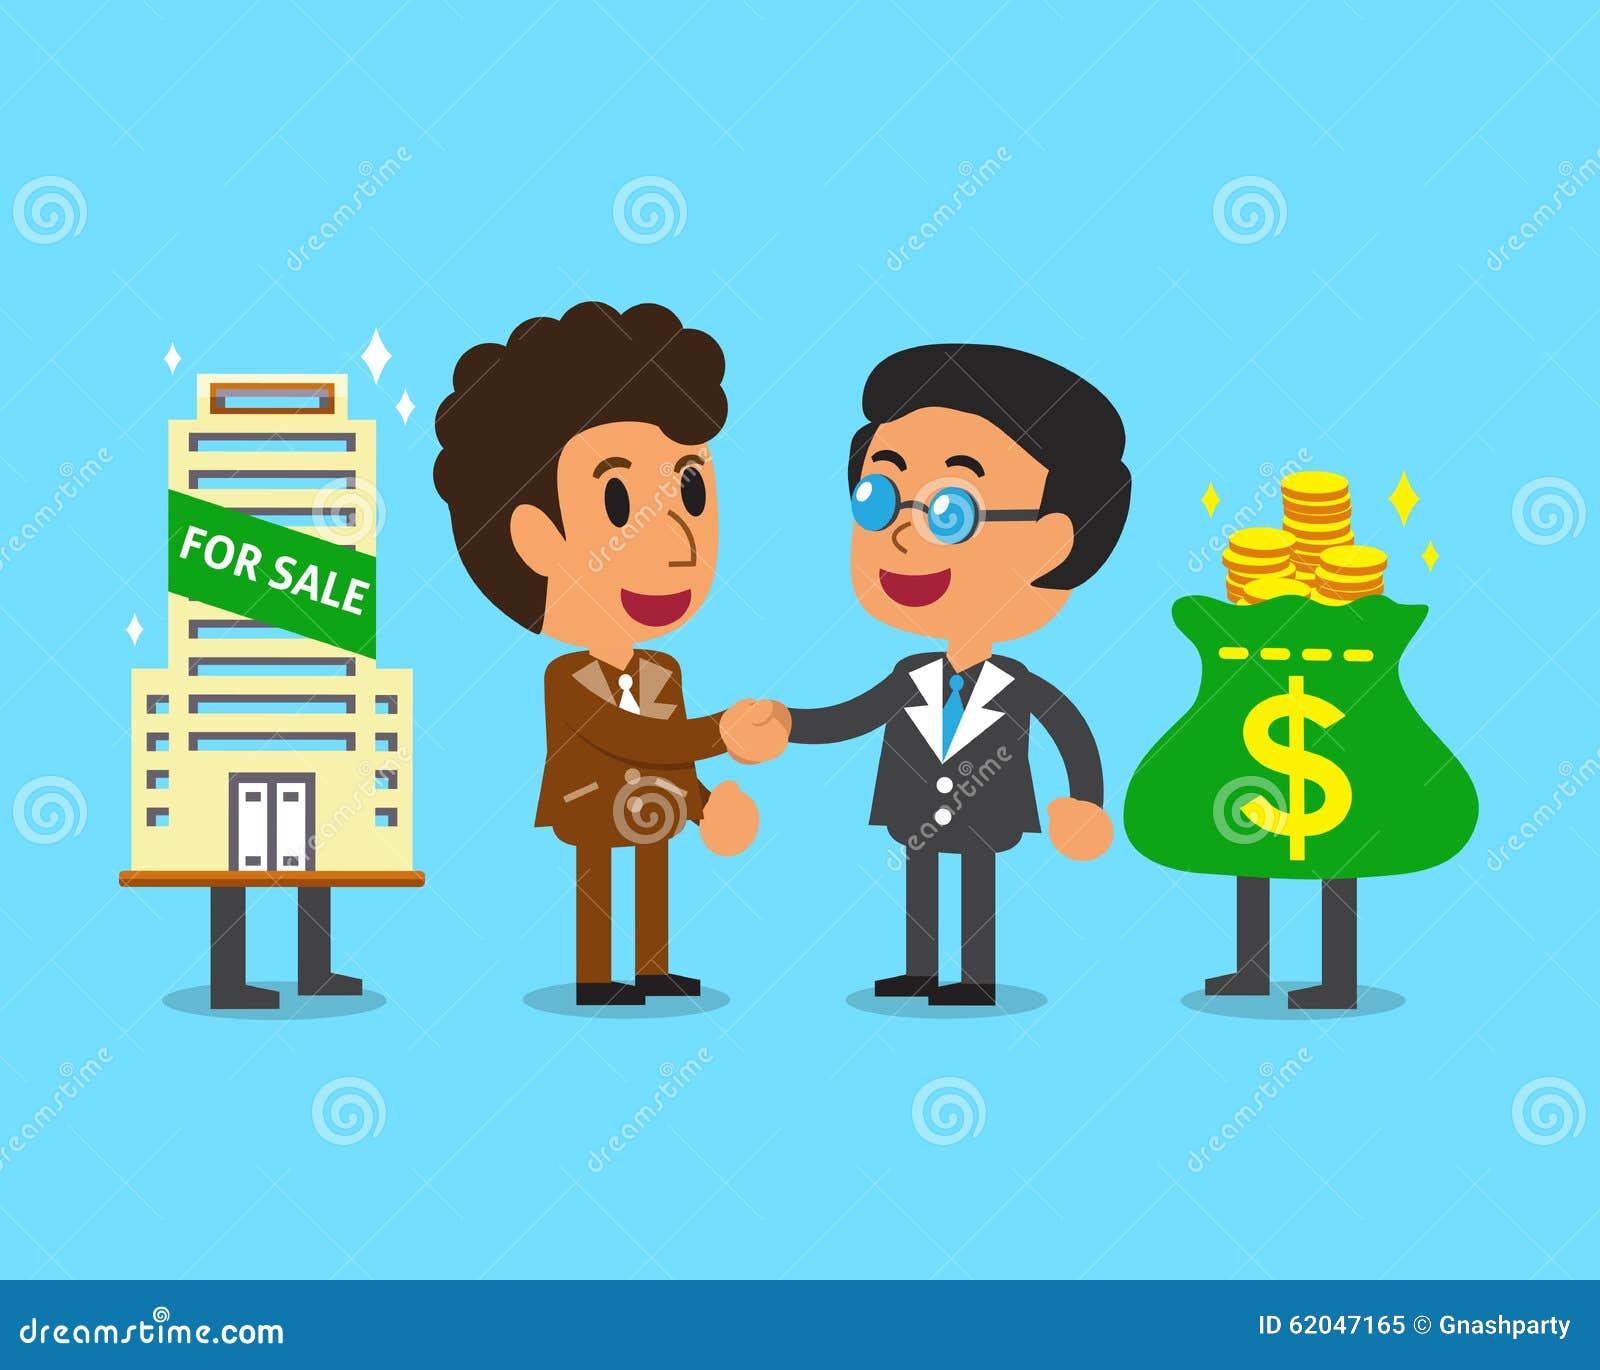 握手设计的不动产经纪人代理商人.图片